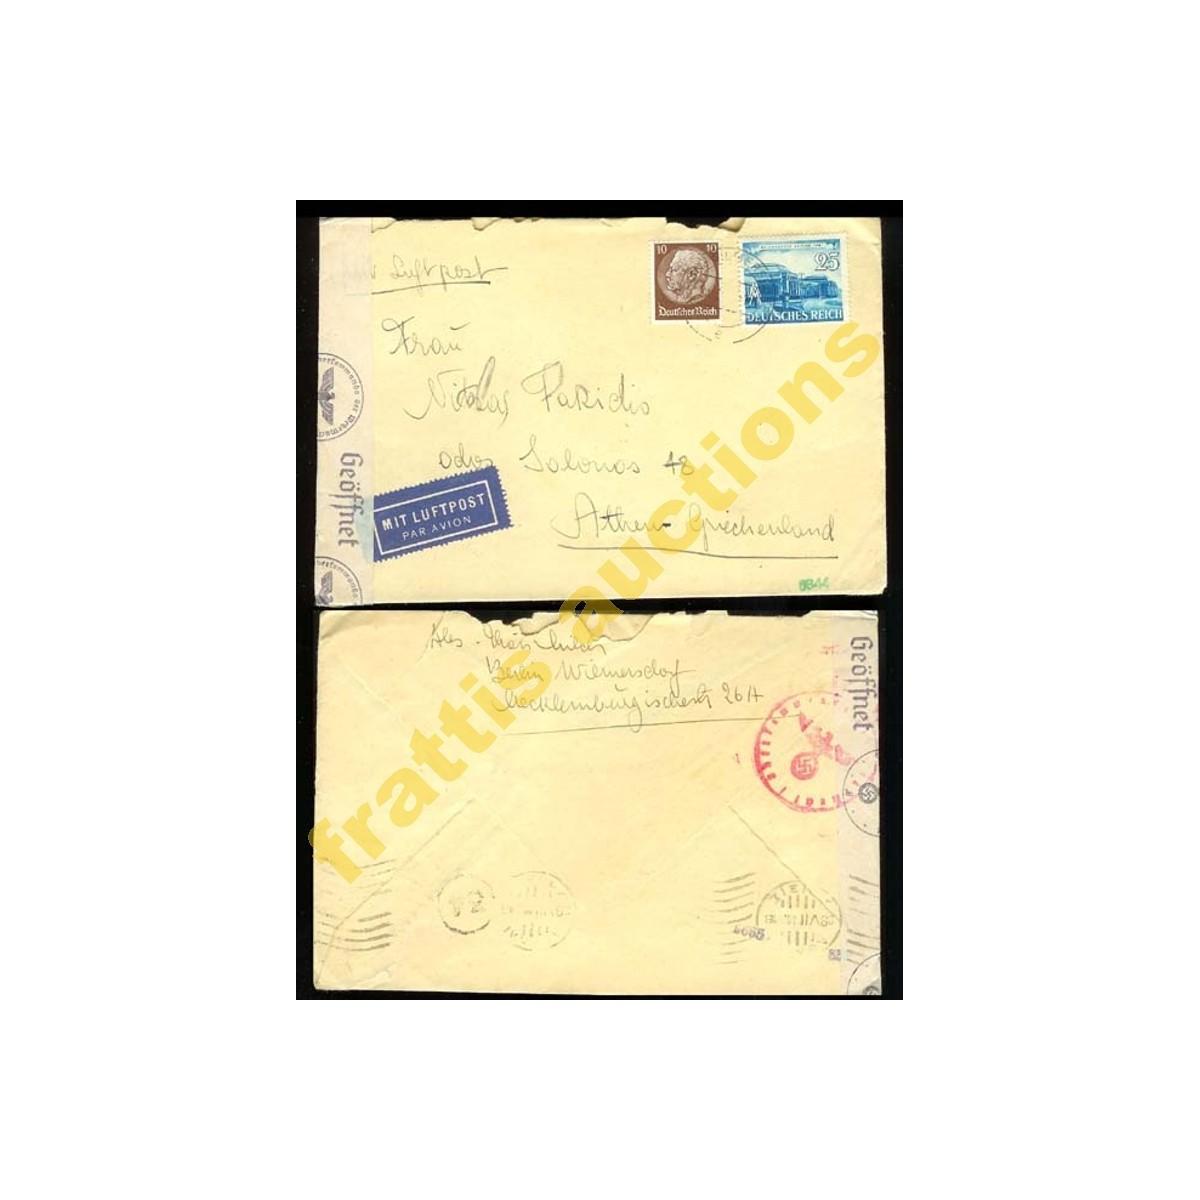 Φάκελος με 2 γραμματόσημα Γερμανίας 1941.